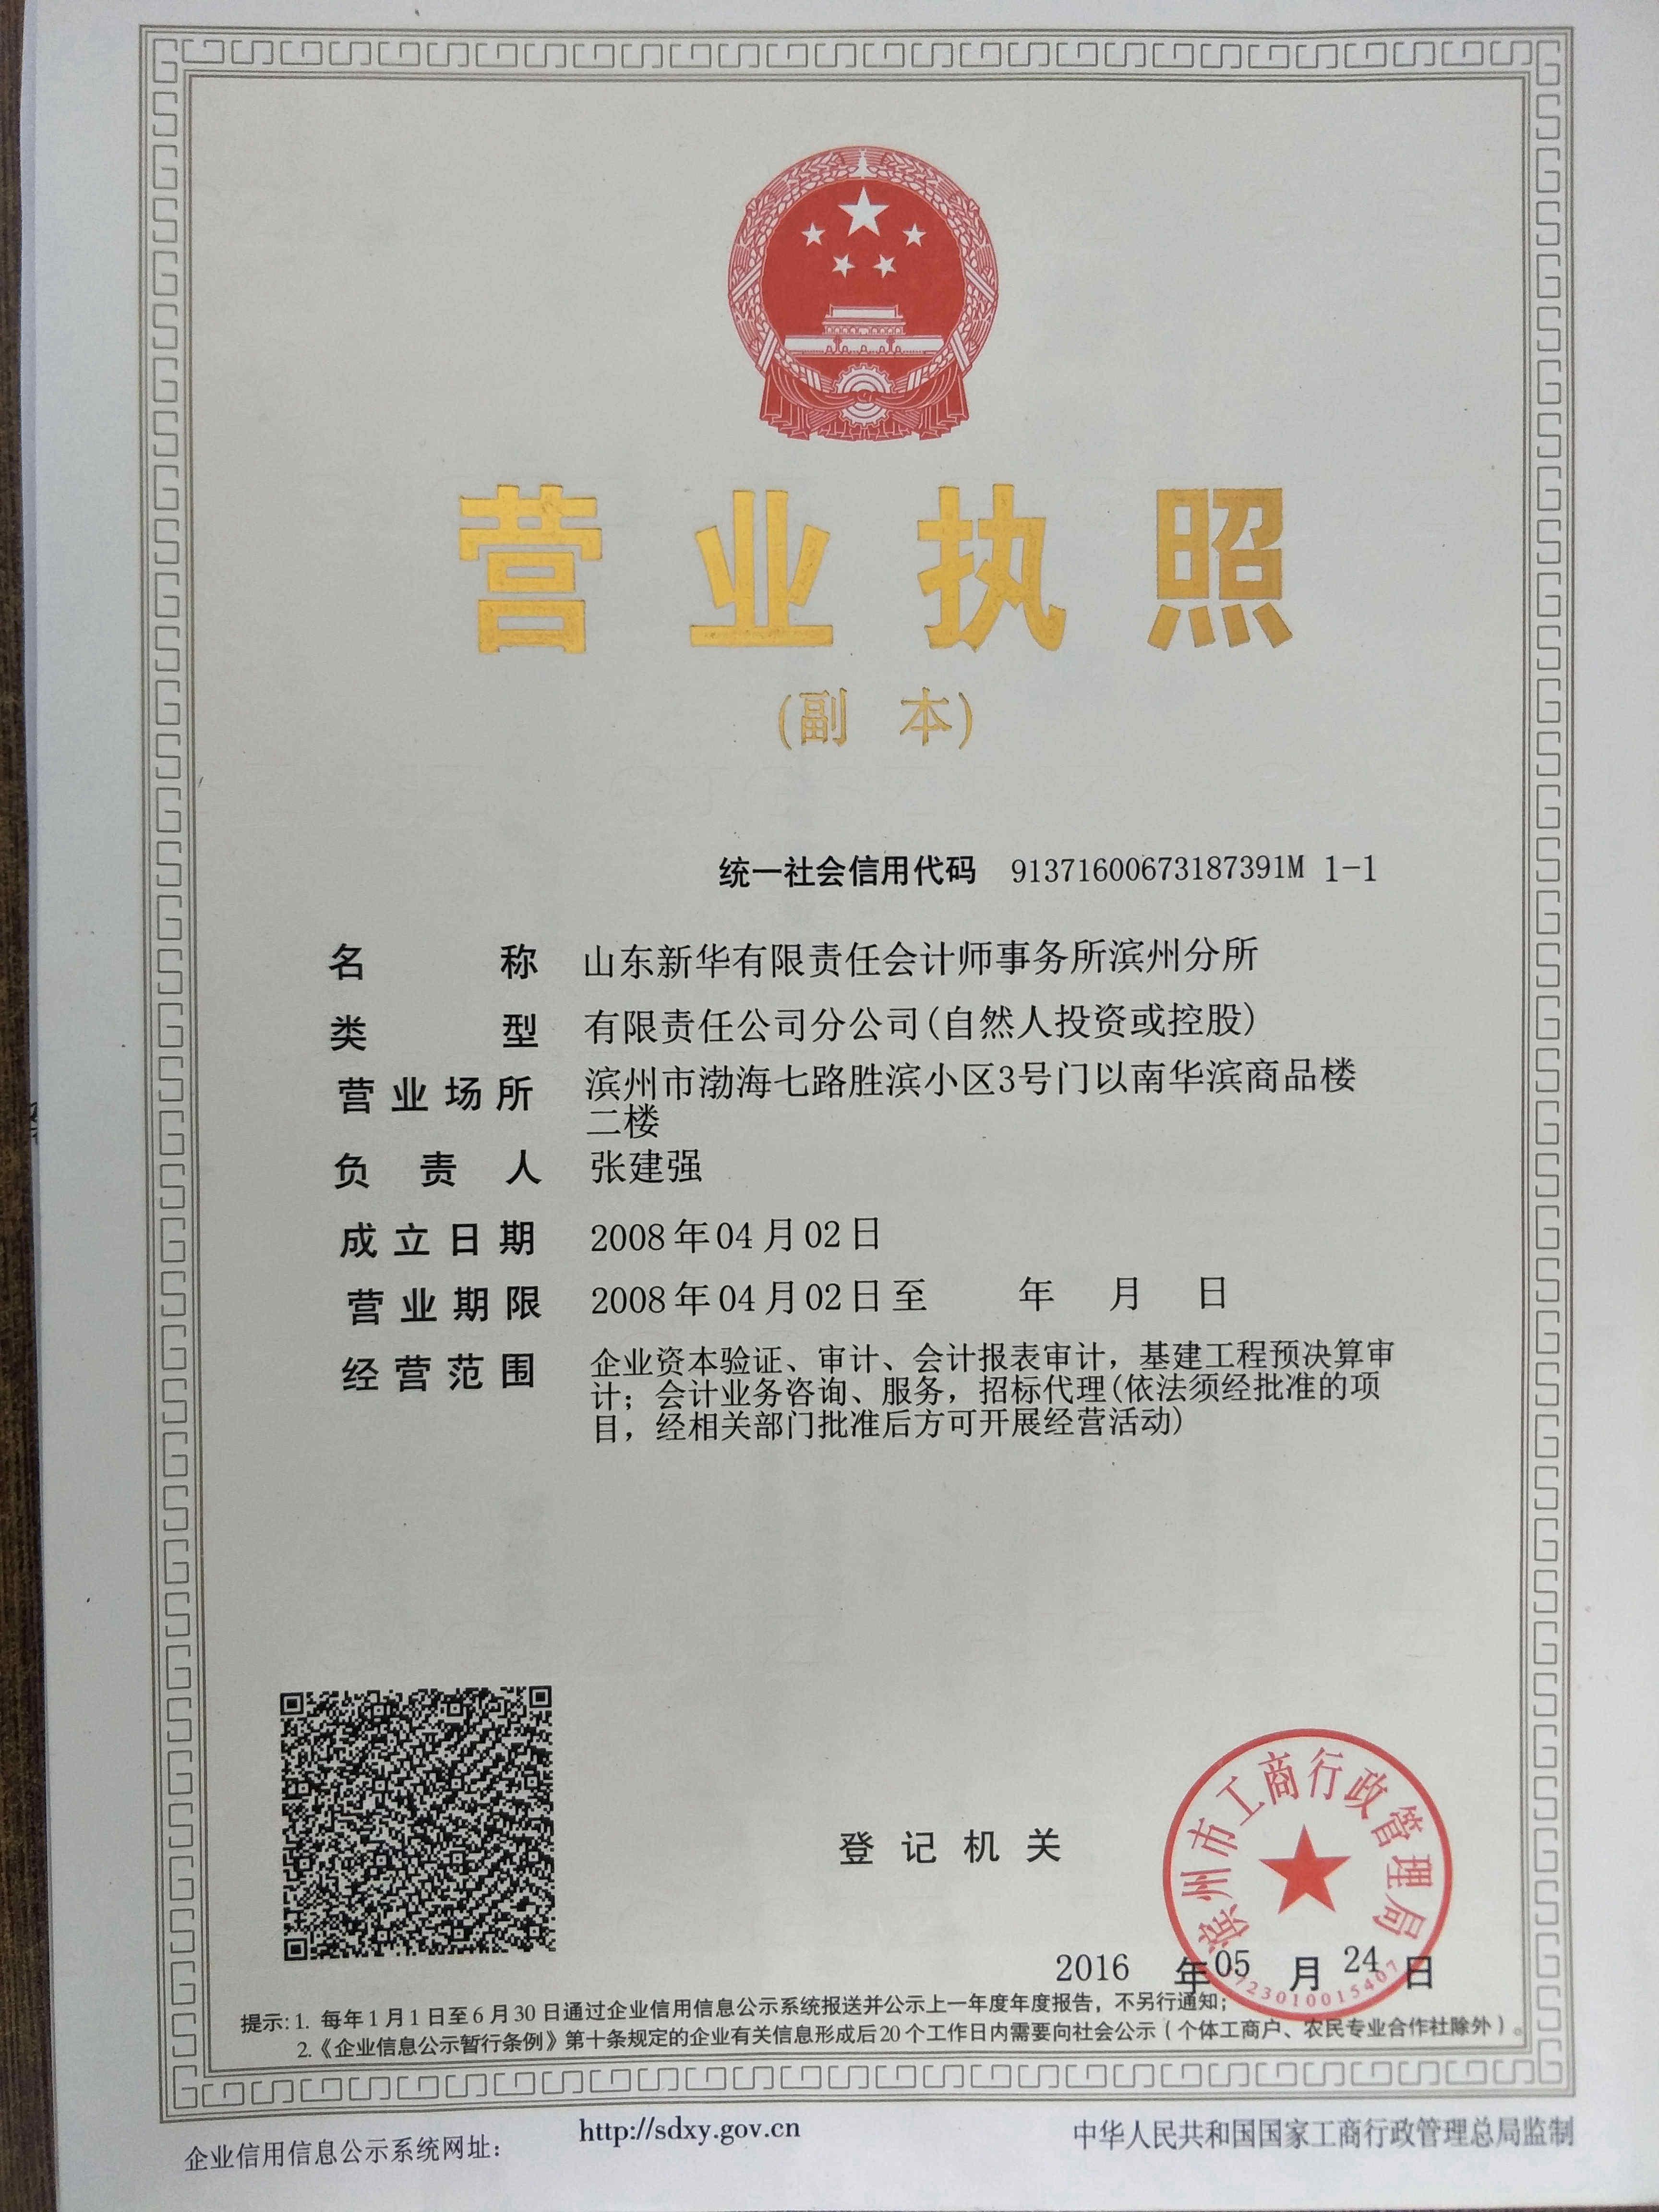 山东新华有限责任会计师事务所滨州分所